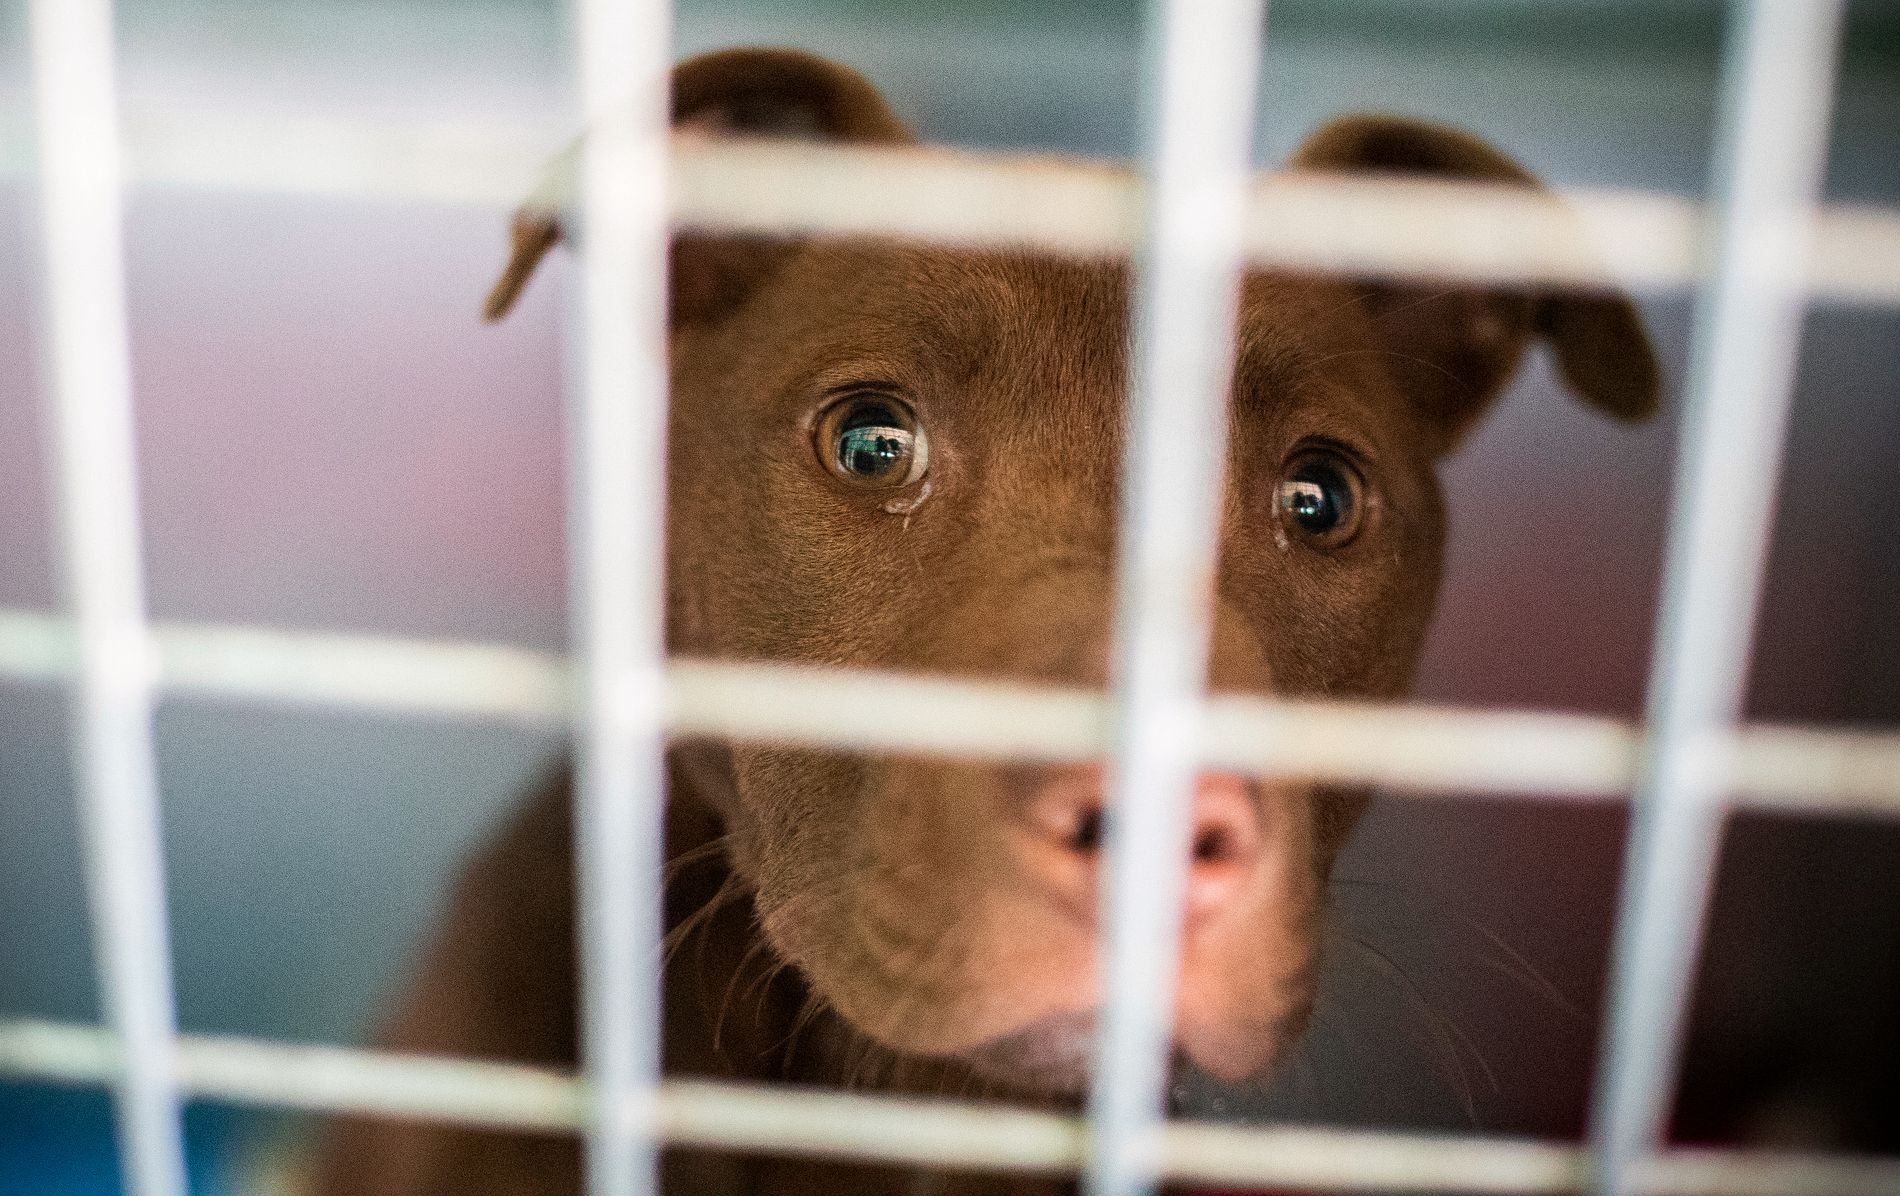 DIARÉ: De hundene man antar at har blir smittet av sykdommen, har hatt symptomer som blodig diaré. Illustrasjonsfoto.